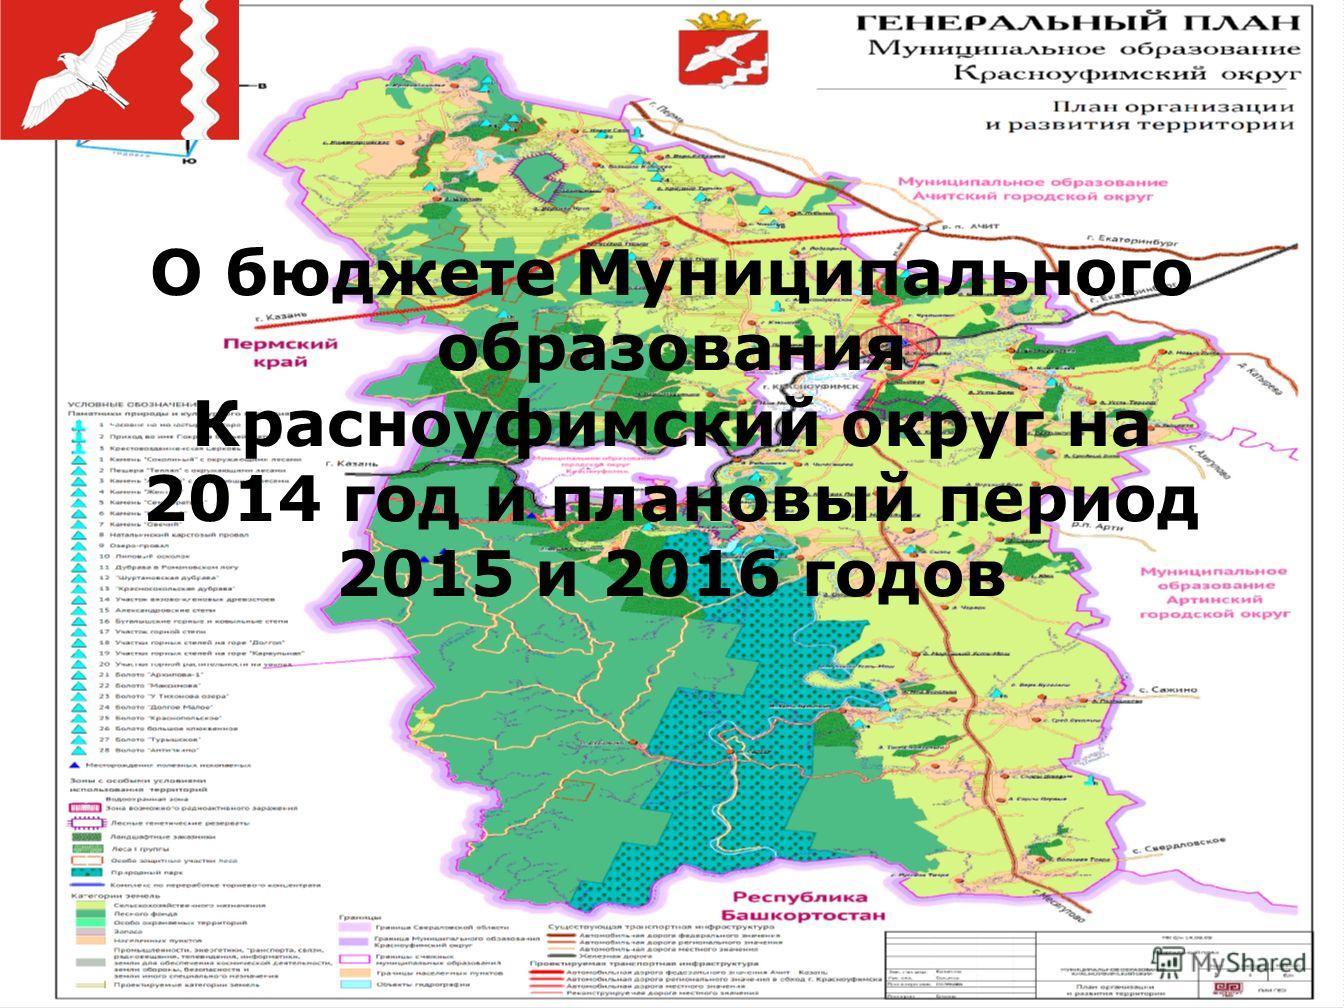 О бюджете Муниципального образования Красноуфимский округ на 2014 год и плановый период 2015 и 2016 годов